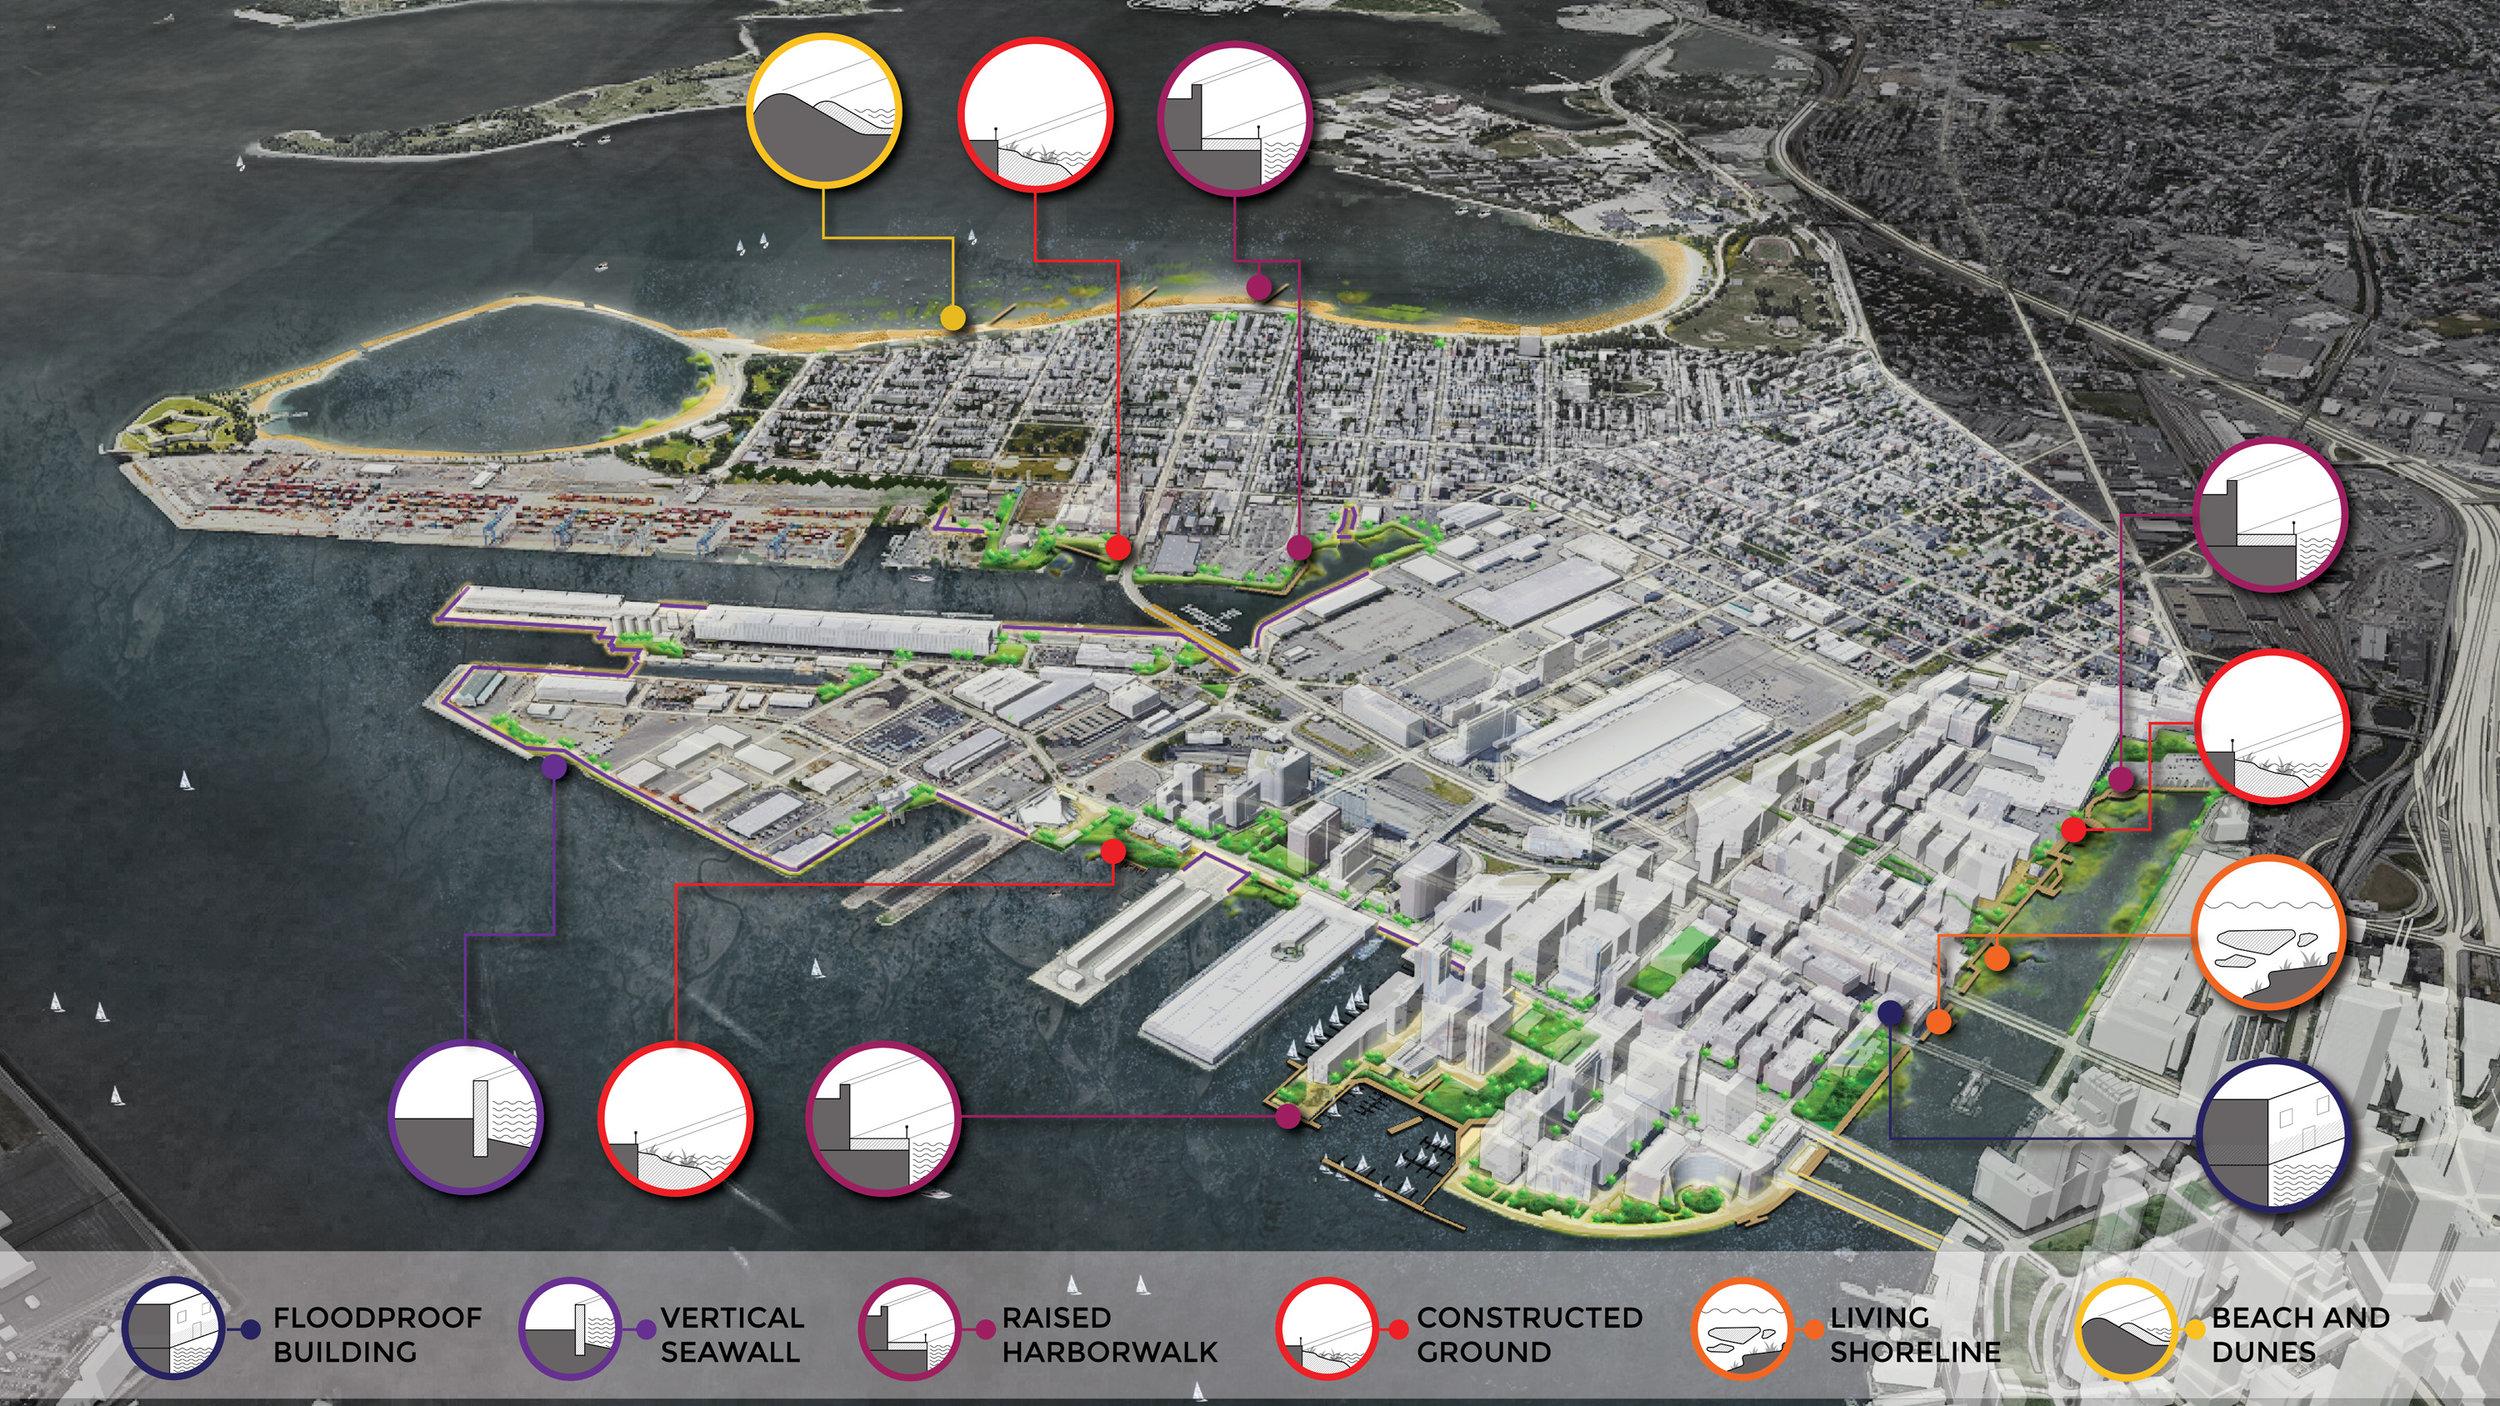 climate_ready_south_boston_alt flood protection opt_011.jpg